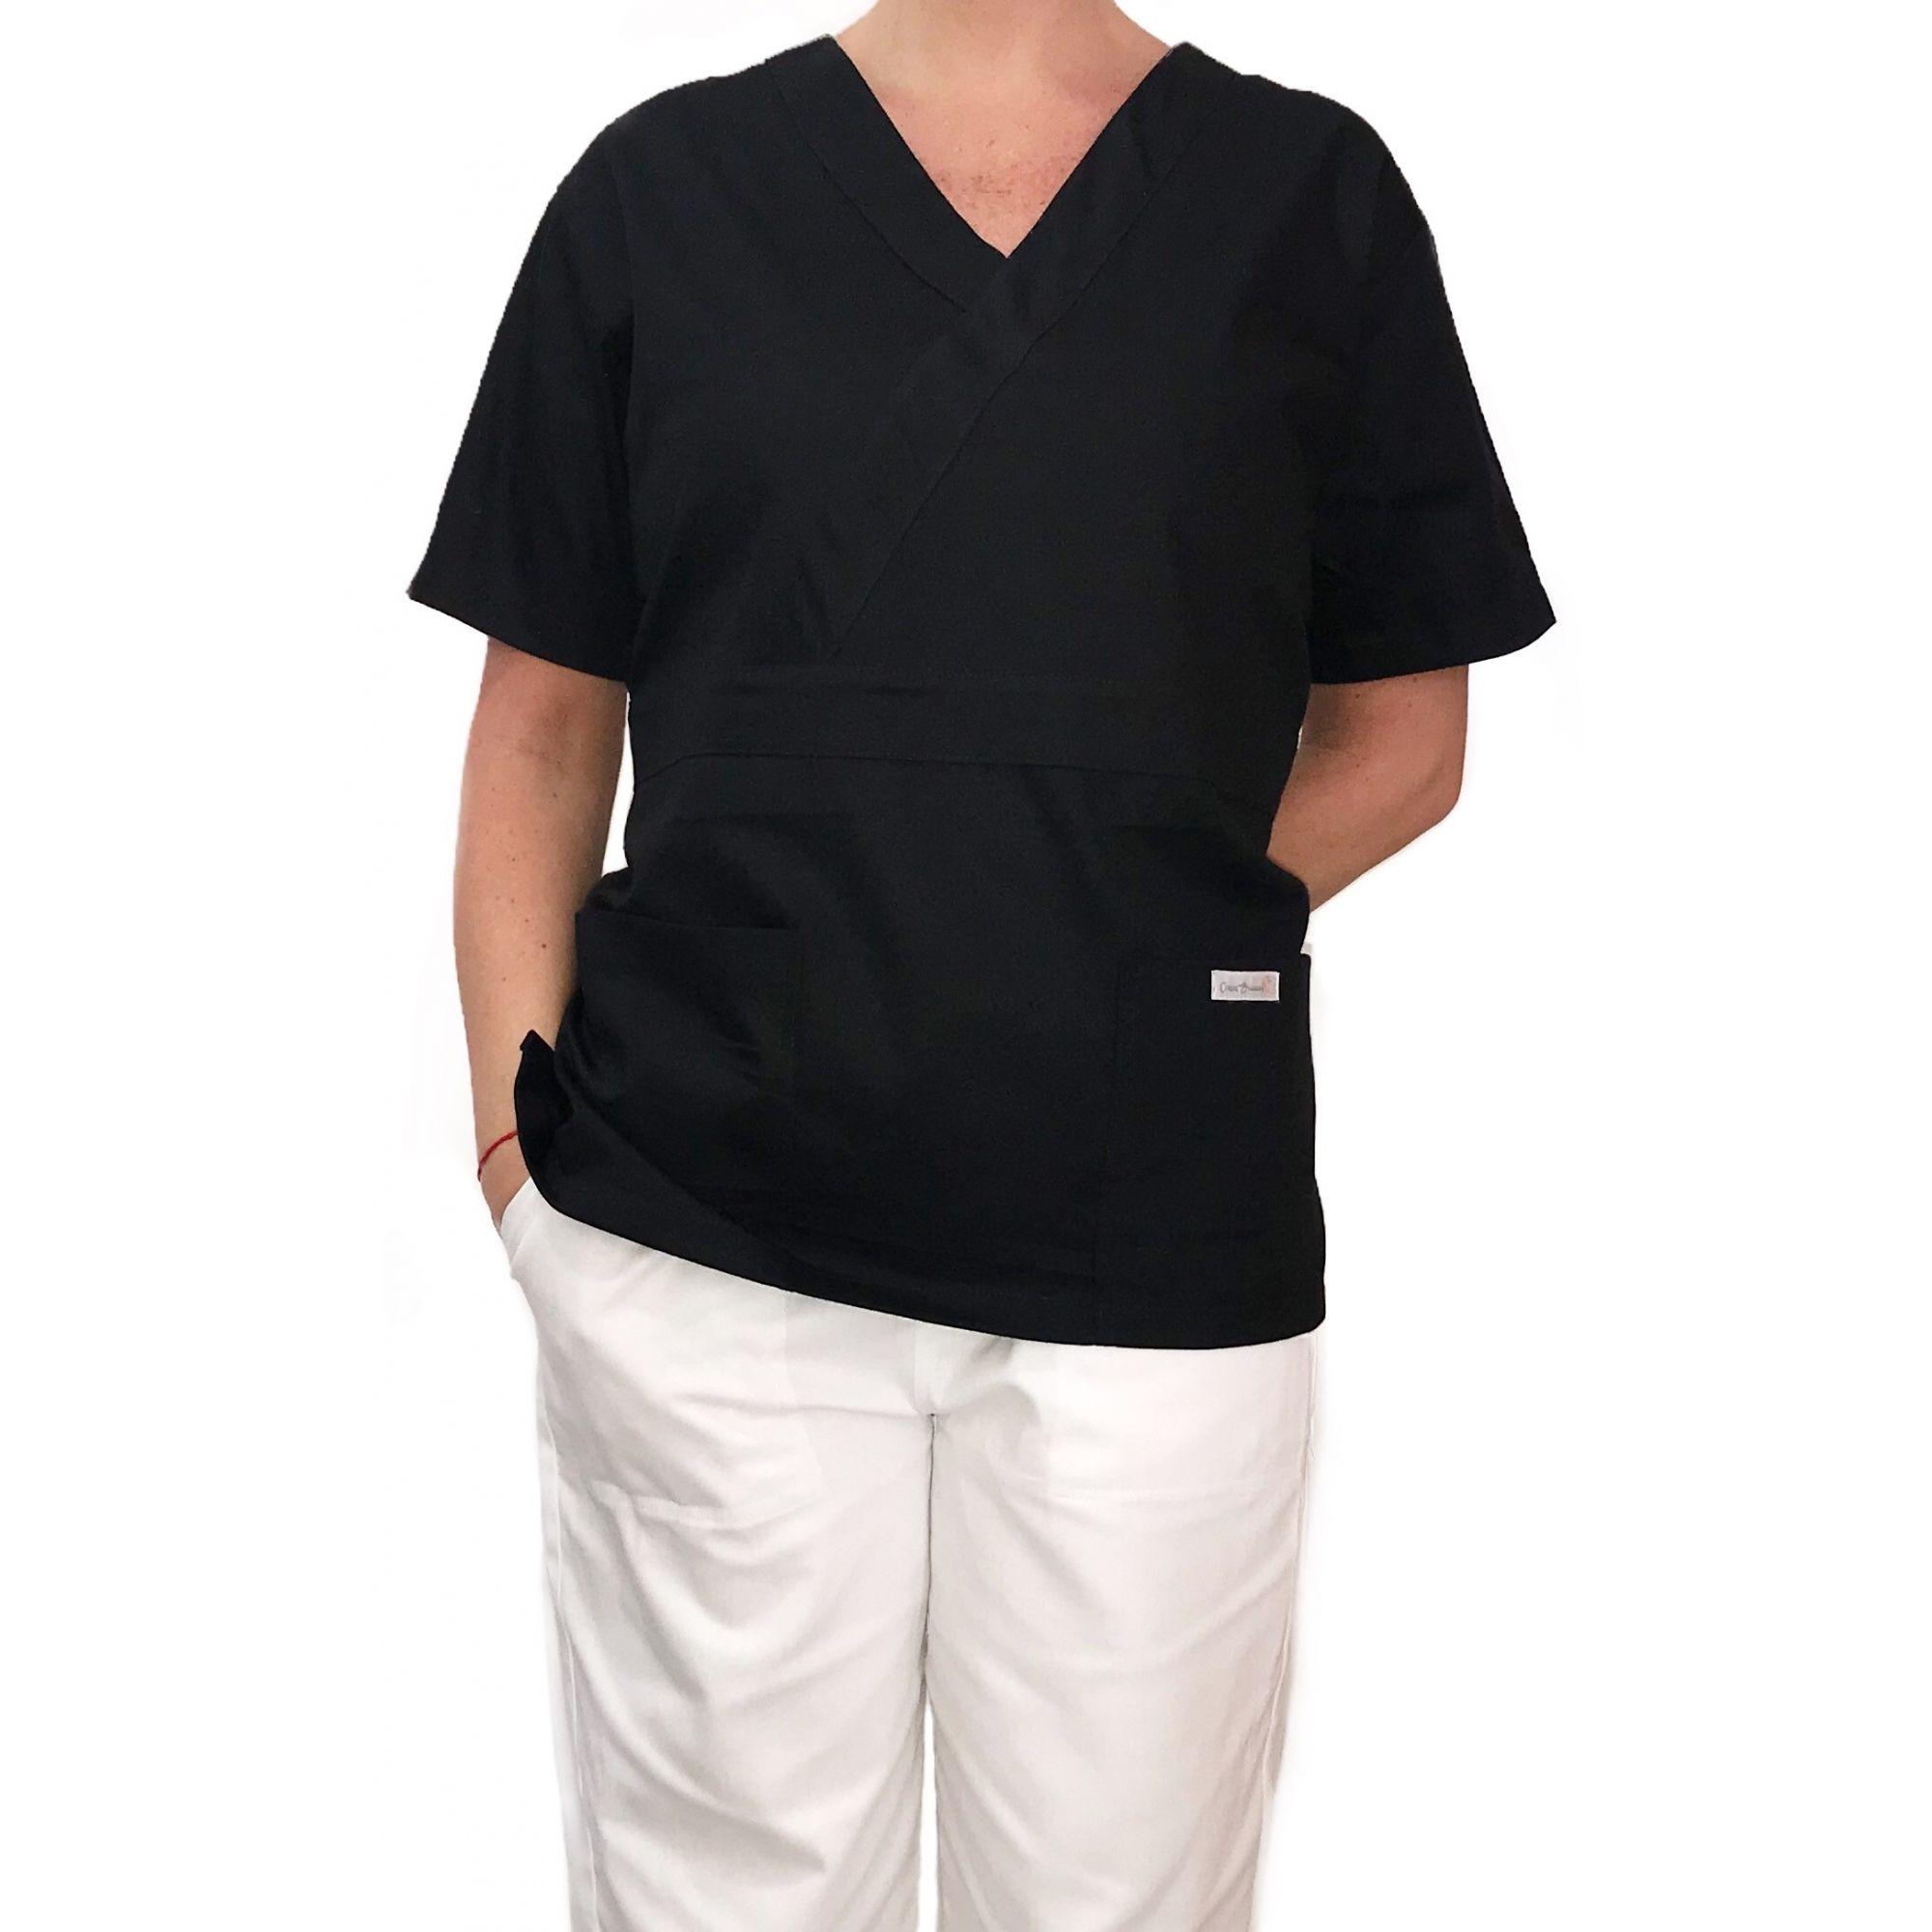 Conjunto Pijama Cirurgico SCRUB MASCULINO  Camisa PRETA e Calça BRANCA com Cordão Tecido Microfibra 100% Poliéster